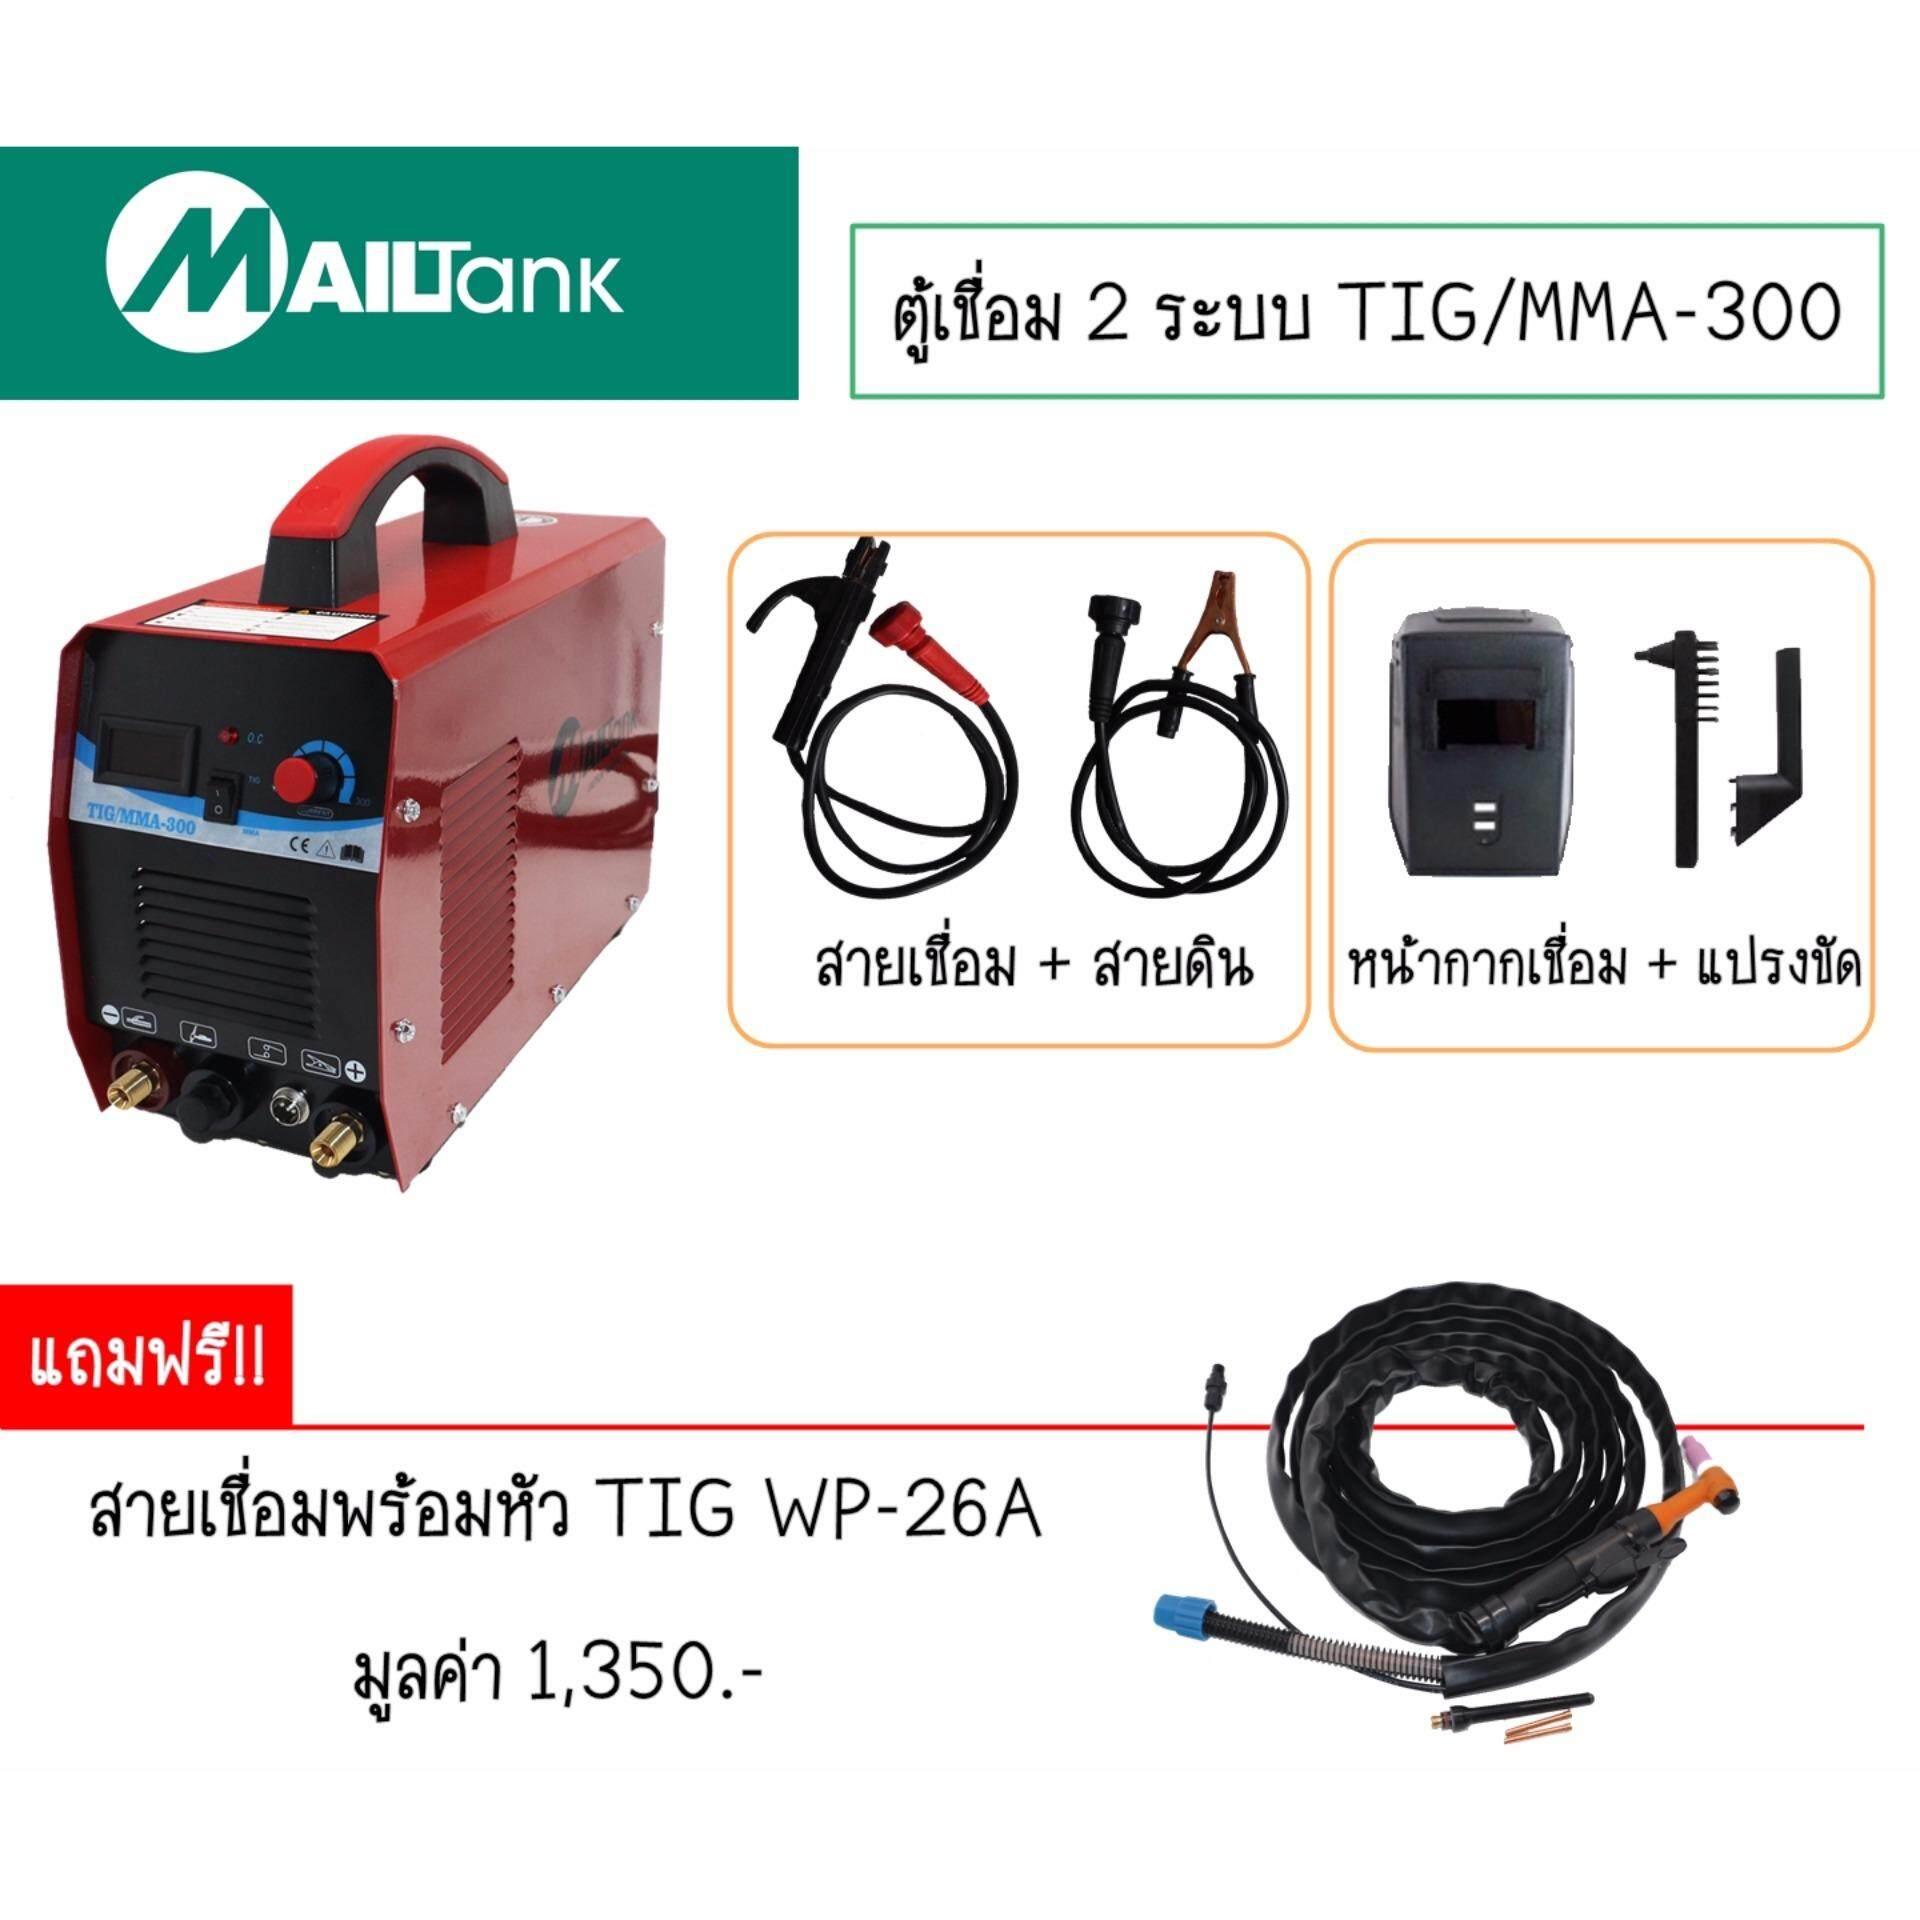 ขาย Mailtank ตู้เชื่อม 2 ระบบ Tig Mma 300 สีแดง แถมฟรี สายเชื่อมพร้อมหัว Tig Wp 26A ราคาถูกที่สุด